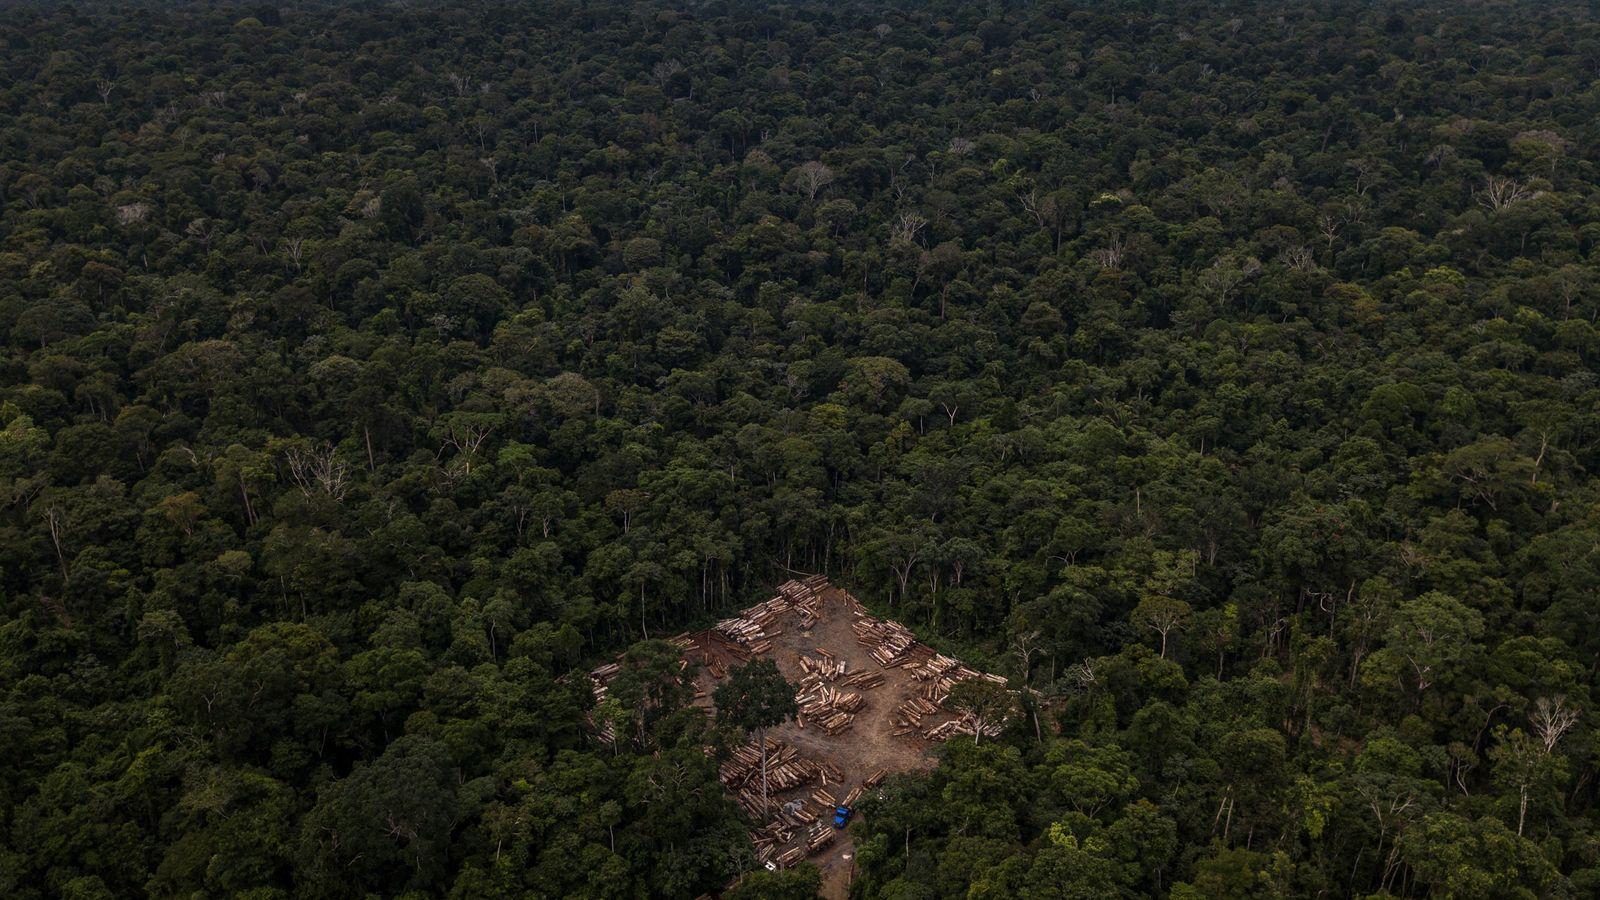 Trecho de floresta é primeiro desmatado para retirar madeiras que podem ser comercializados. Depois, a área ...